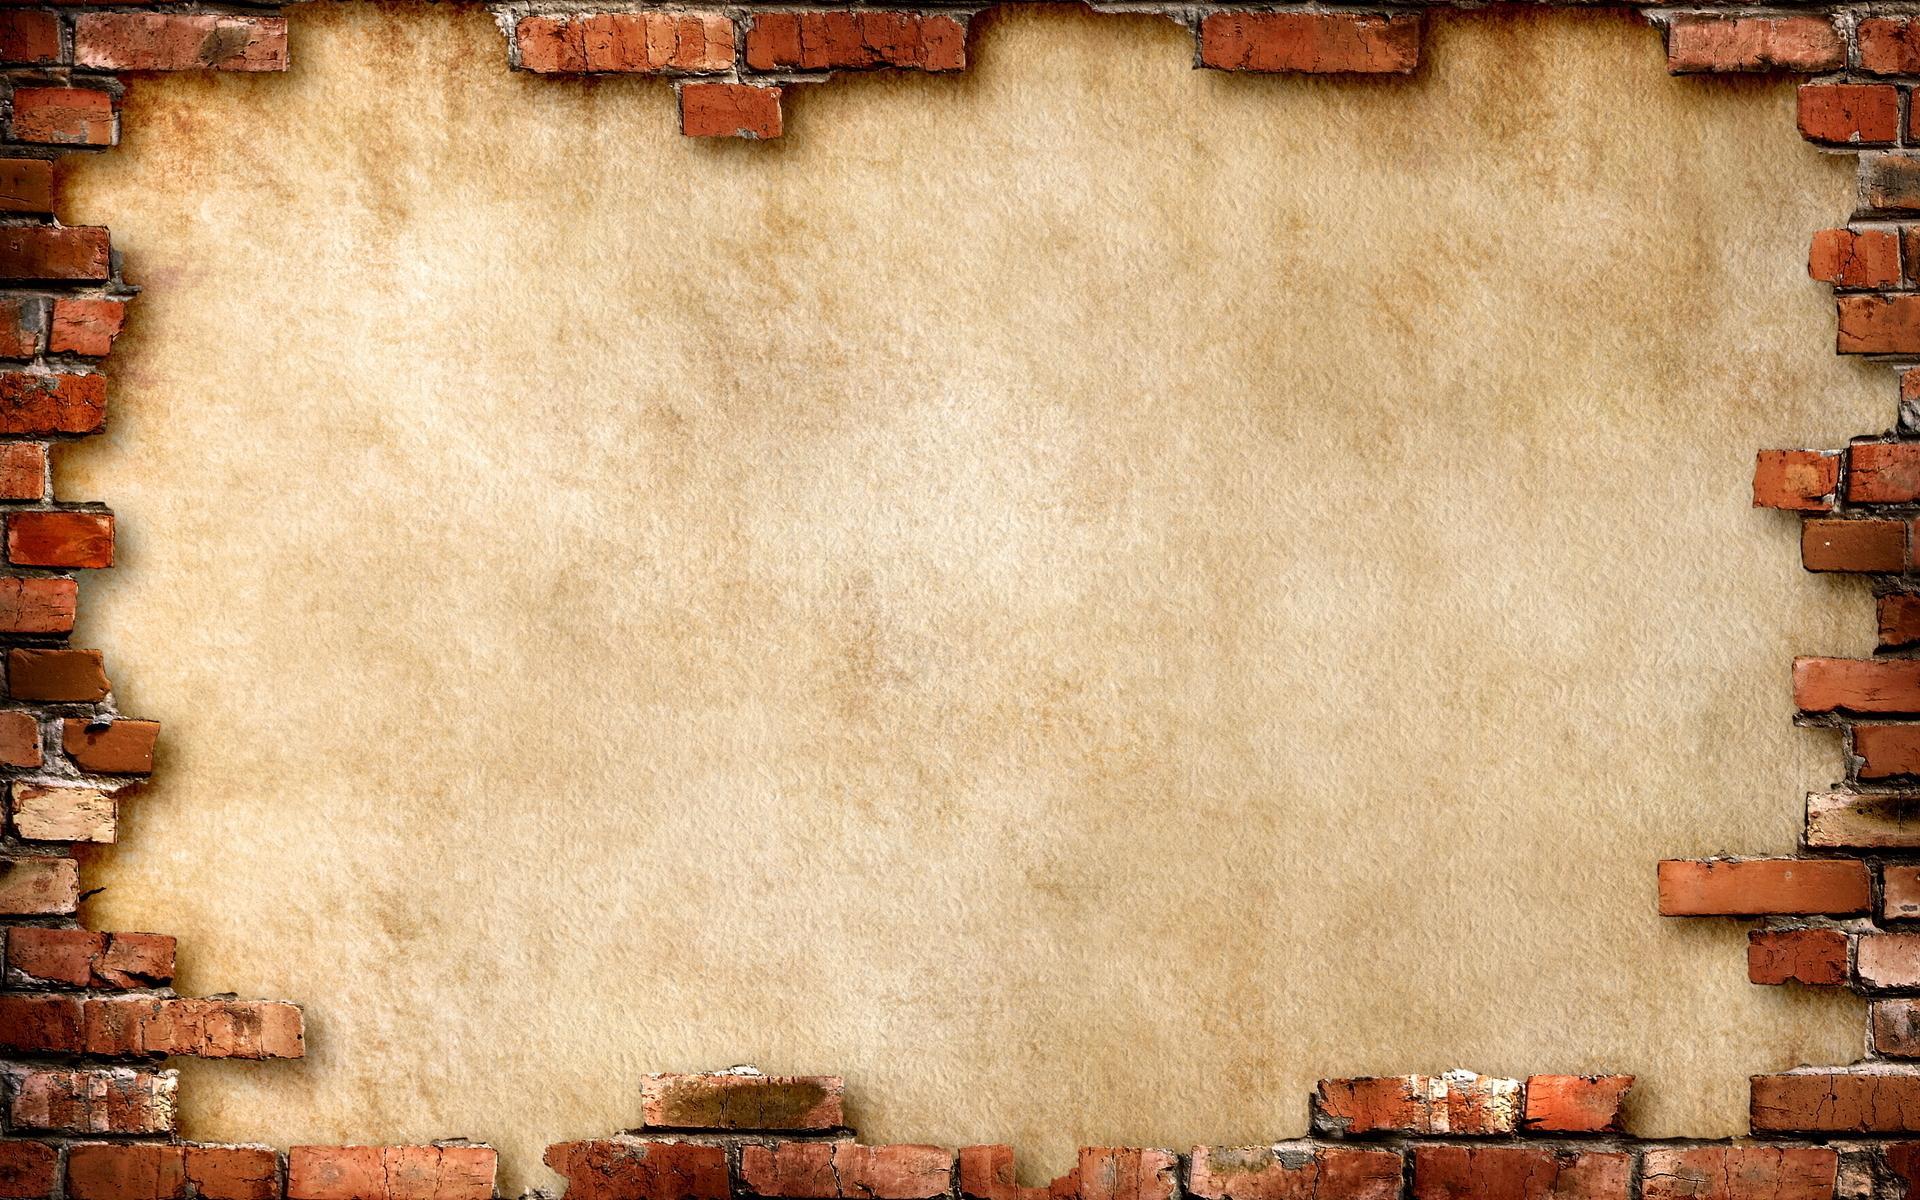 Кирпич стена коричневый фон обои для